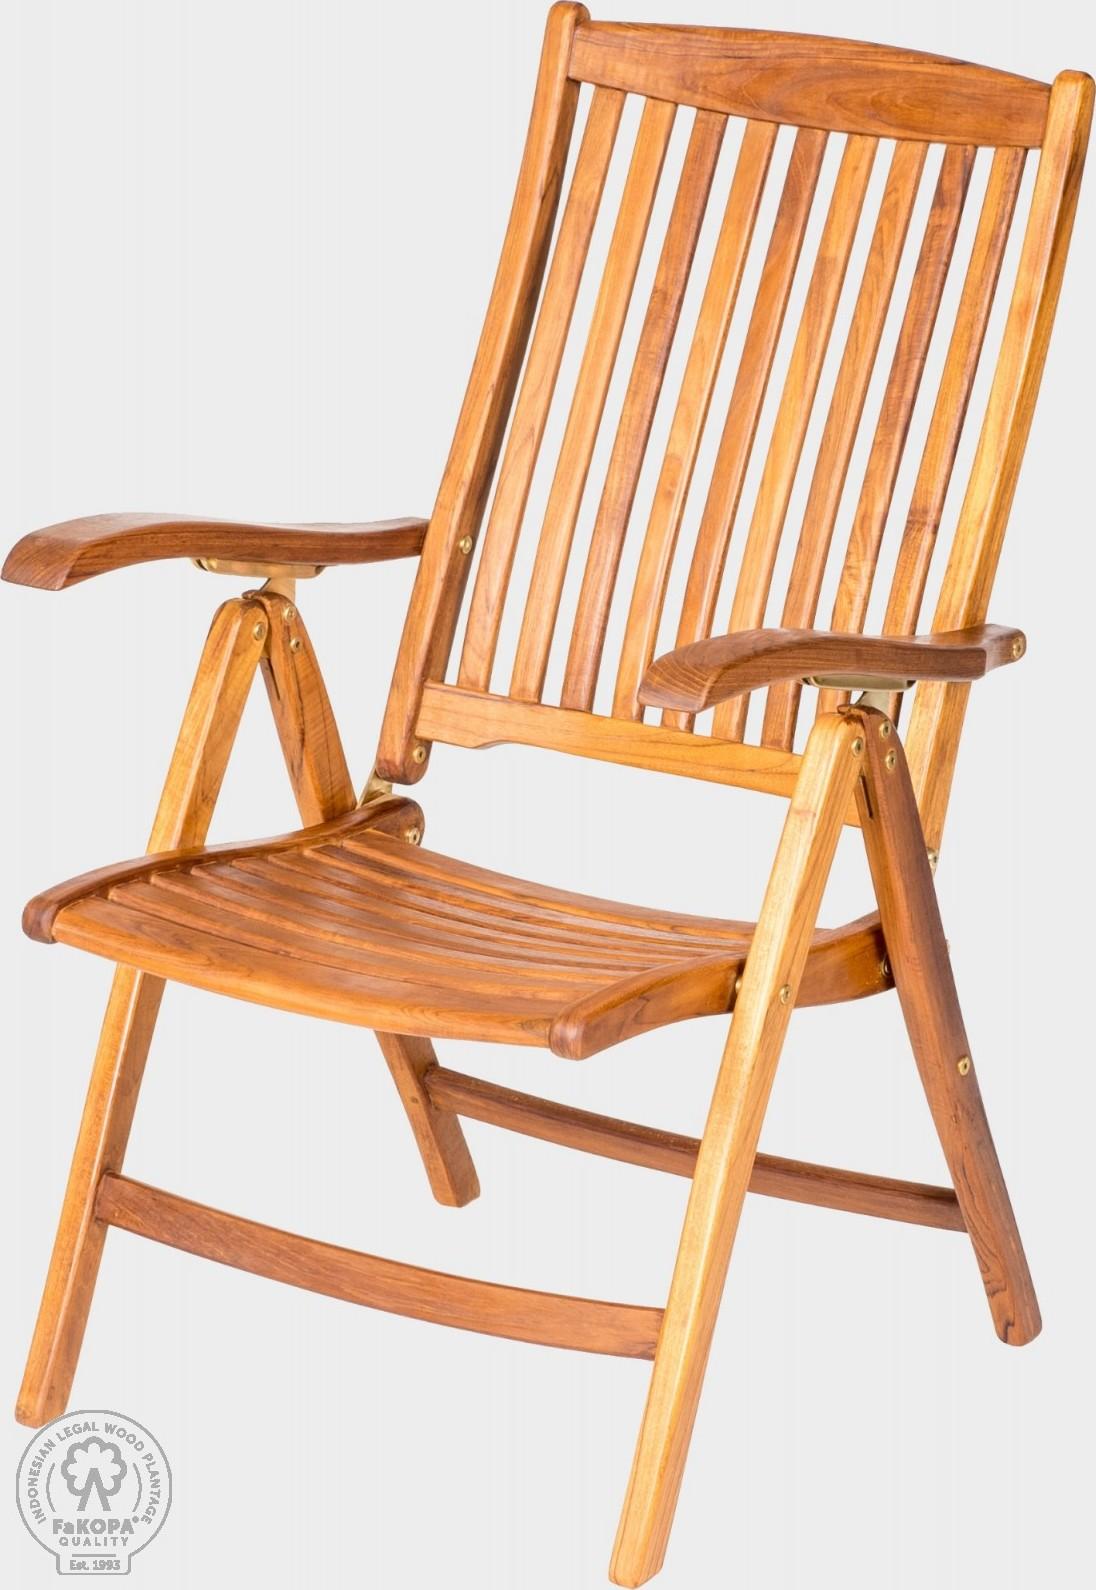 FaKOPA Masivní dřevěná židle na zahradu Luren